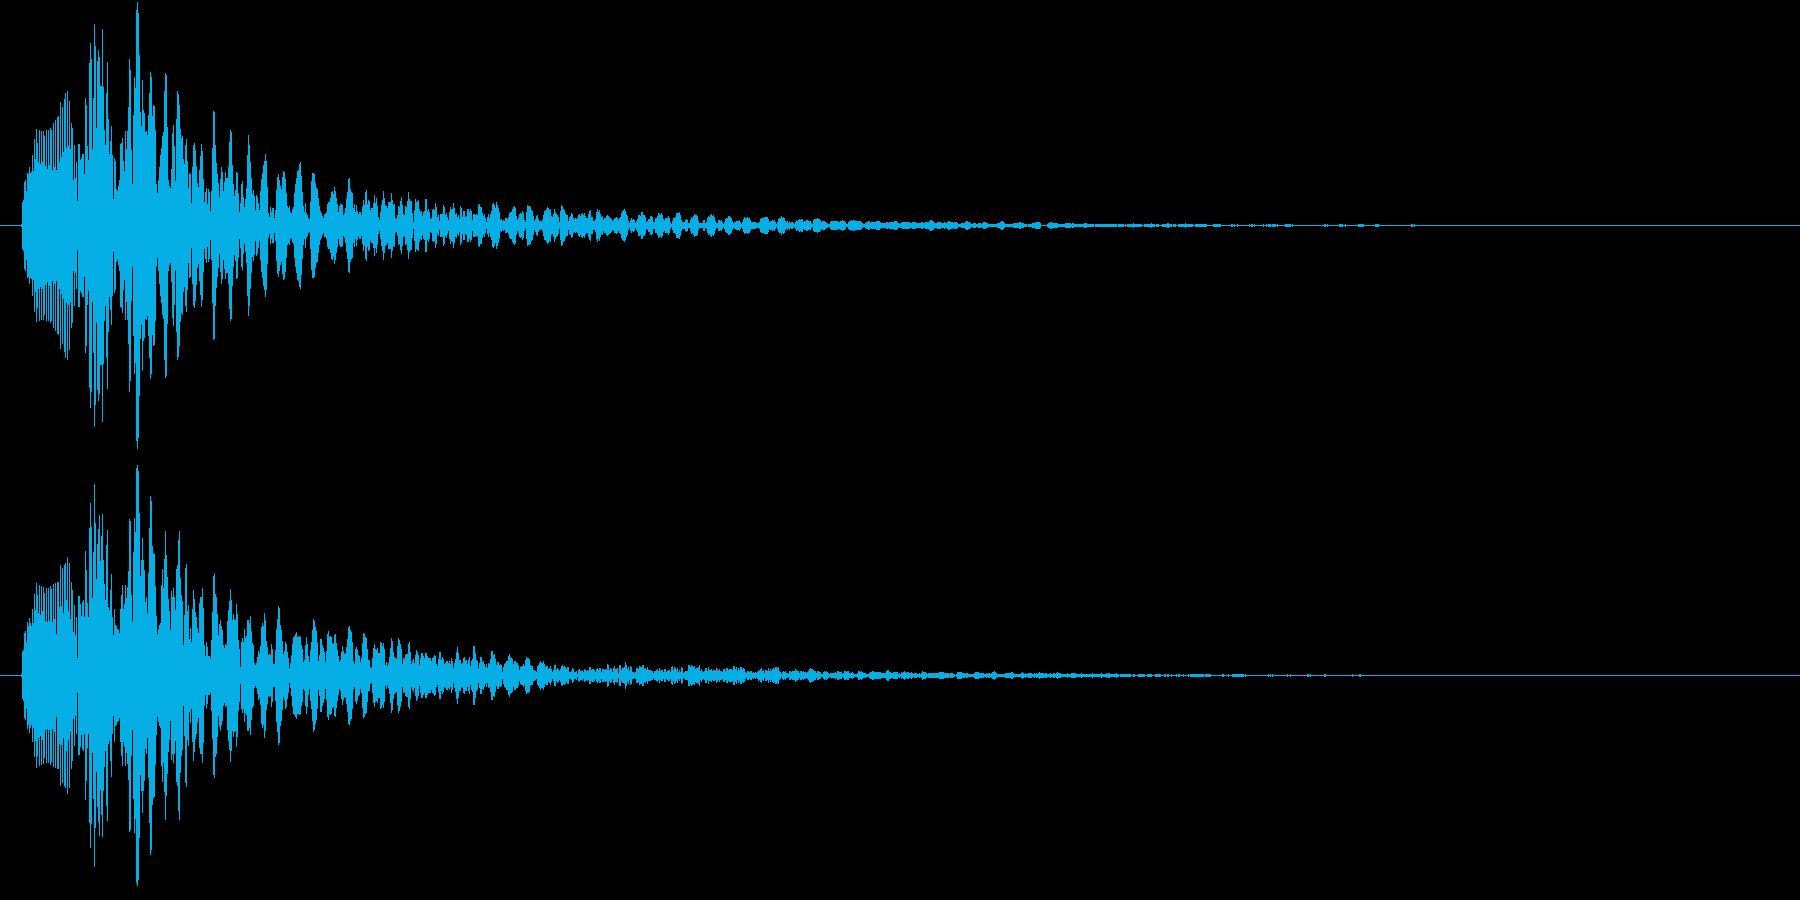 明るめのマリンバのアルペッジオの再生済みの波形